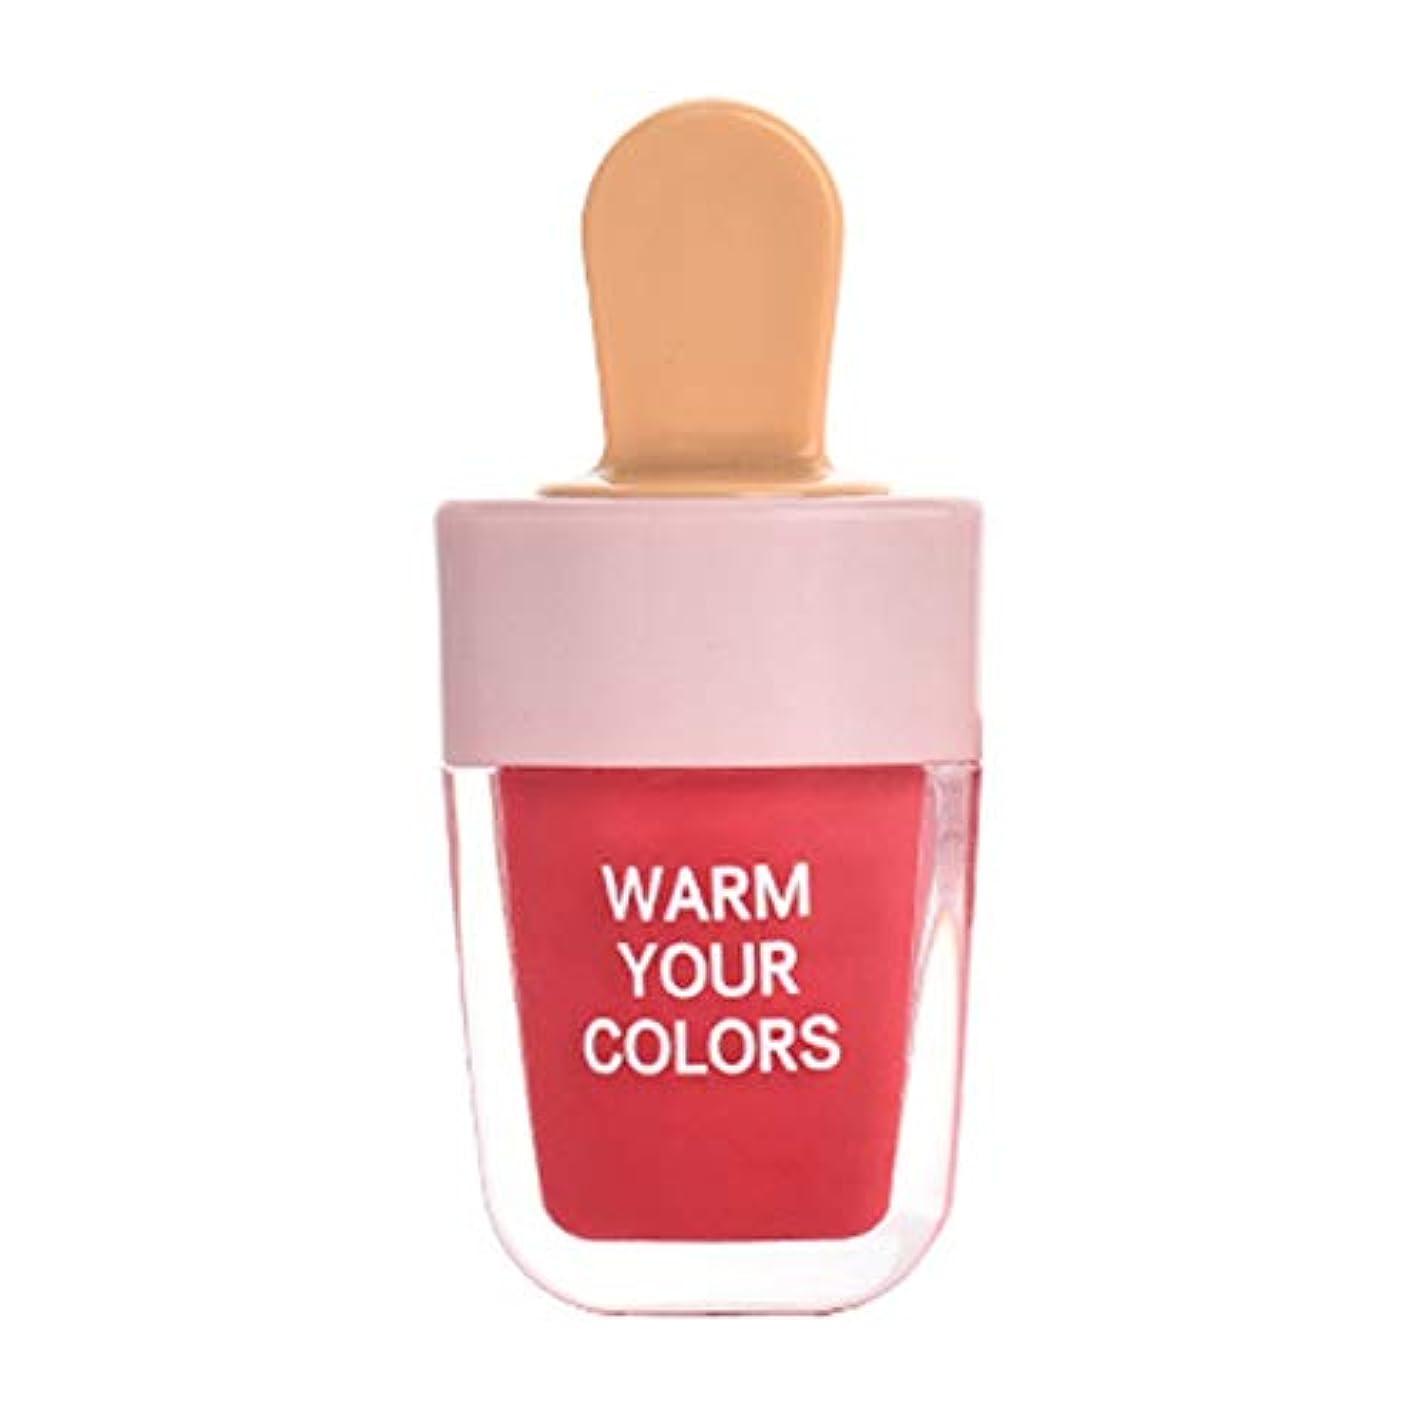 ターゲット管理者ジュラシックパークRemeeHi 口紅 リップティント アイスクリーム リップスティック リップカラー ラスティング 防水 落ちない メイクアップ メイク道具 化粧品保湿 リップクリーム 韓国風 学生 可愛い